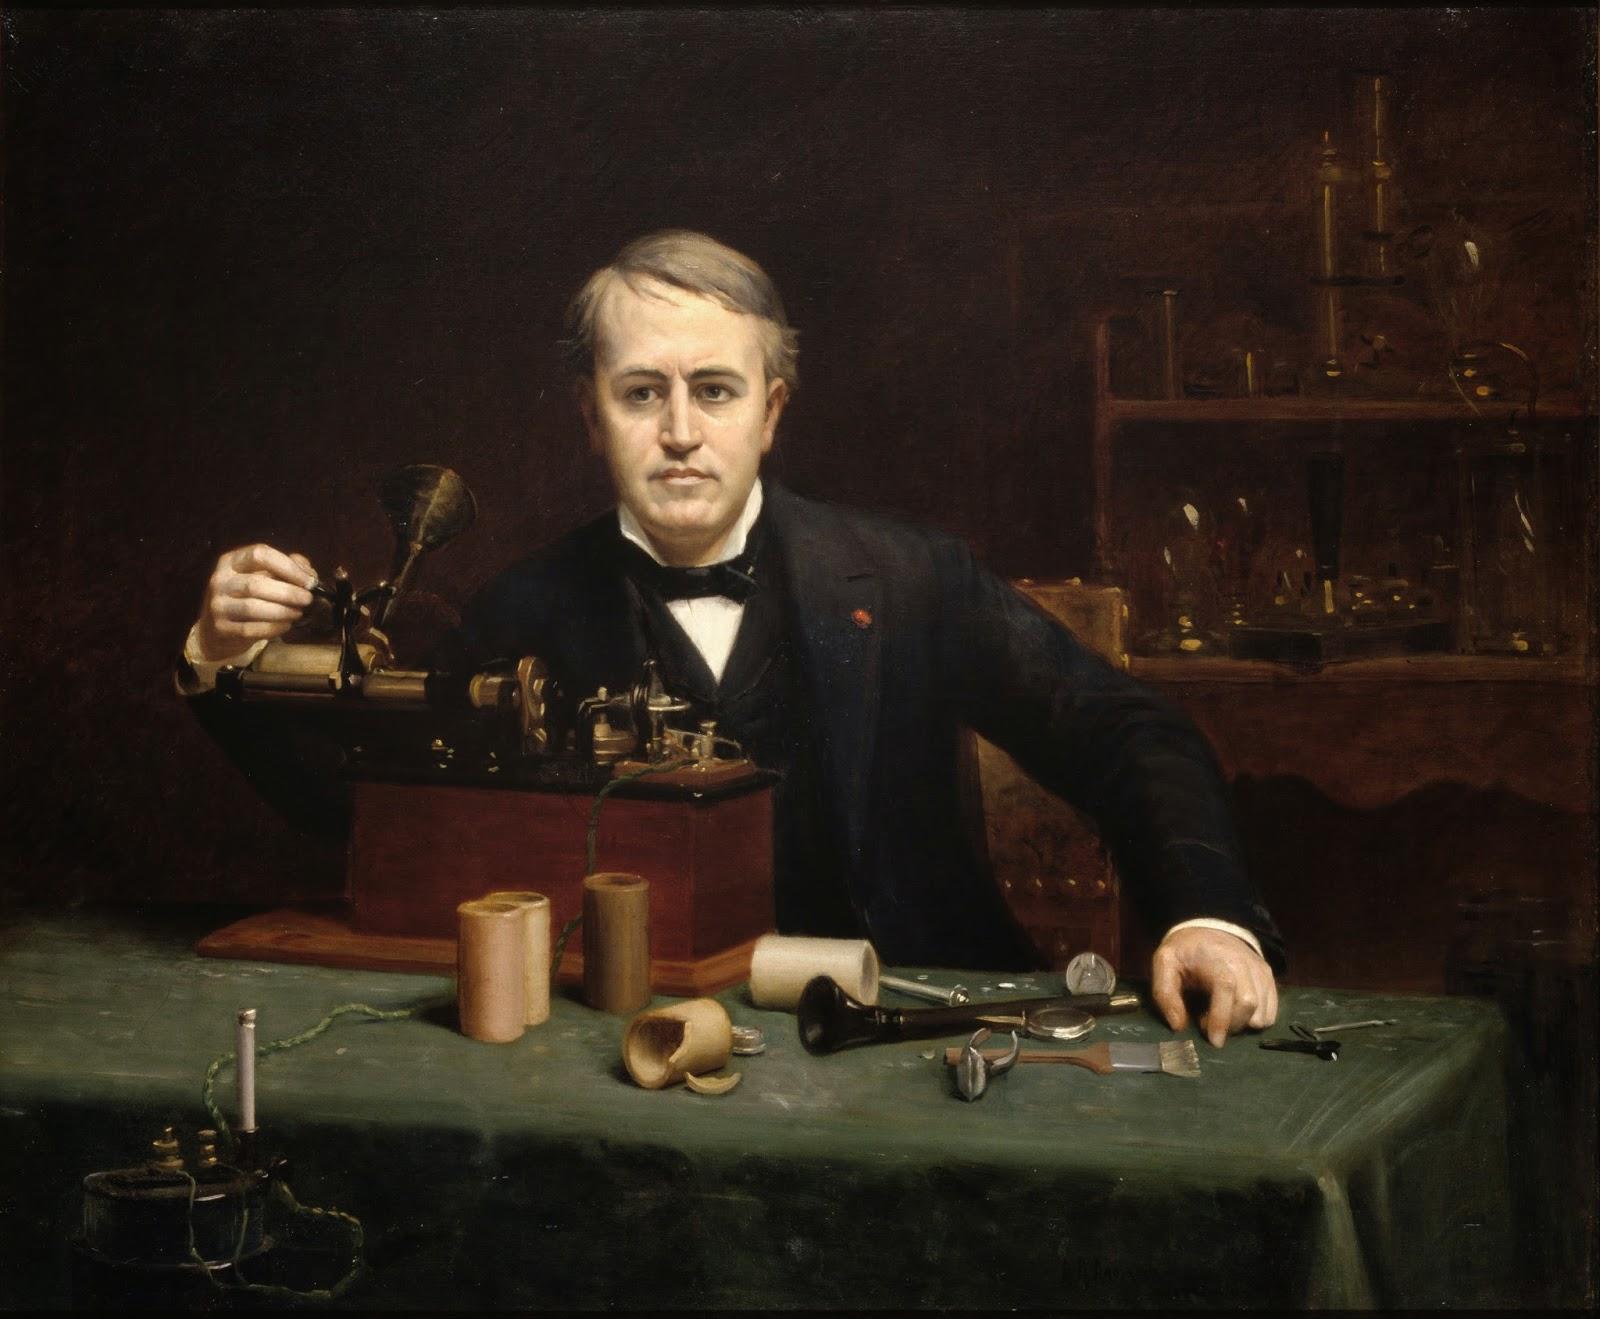 Penemu listrik pertama